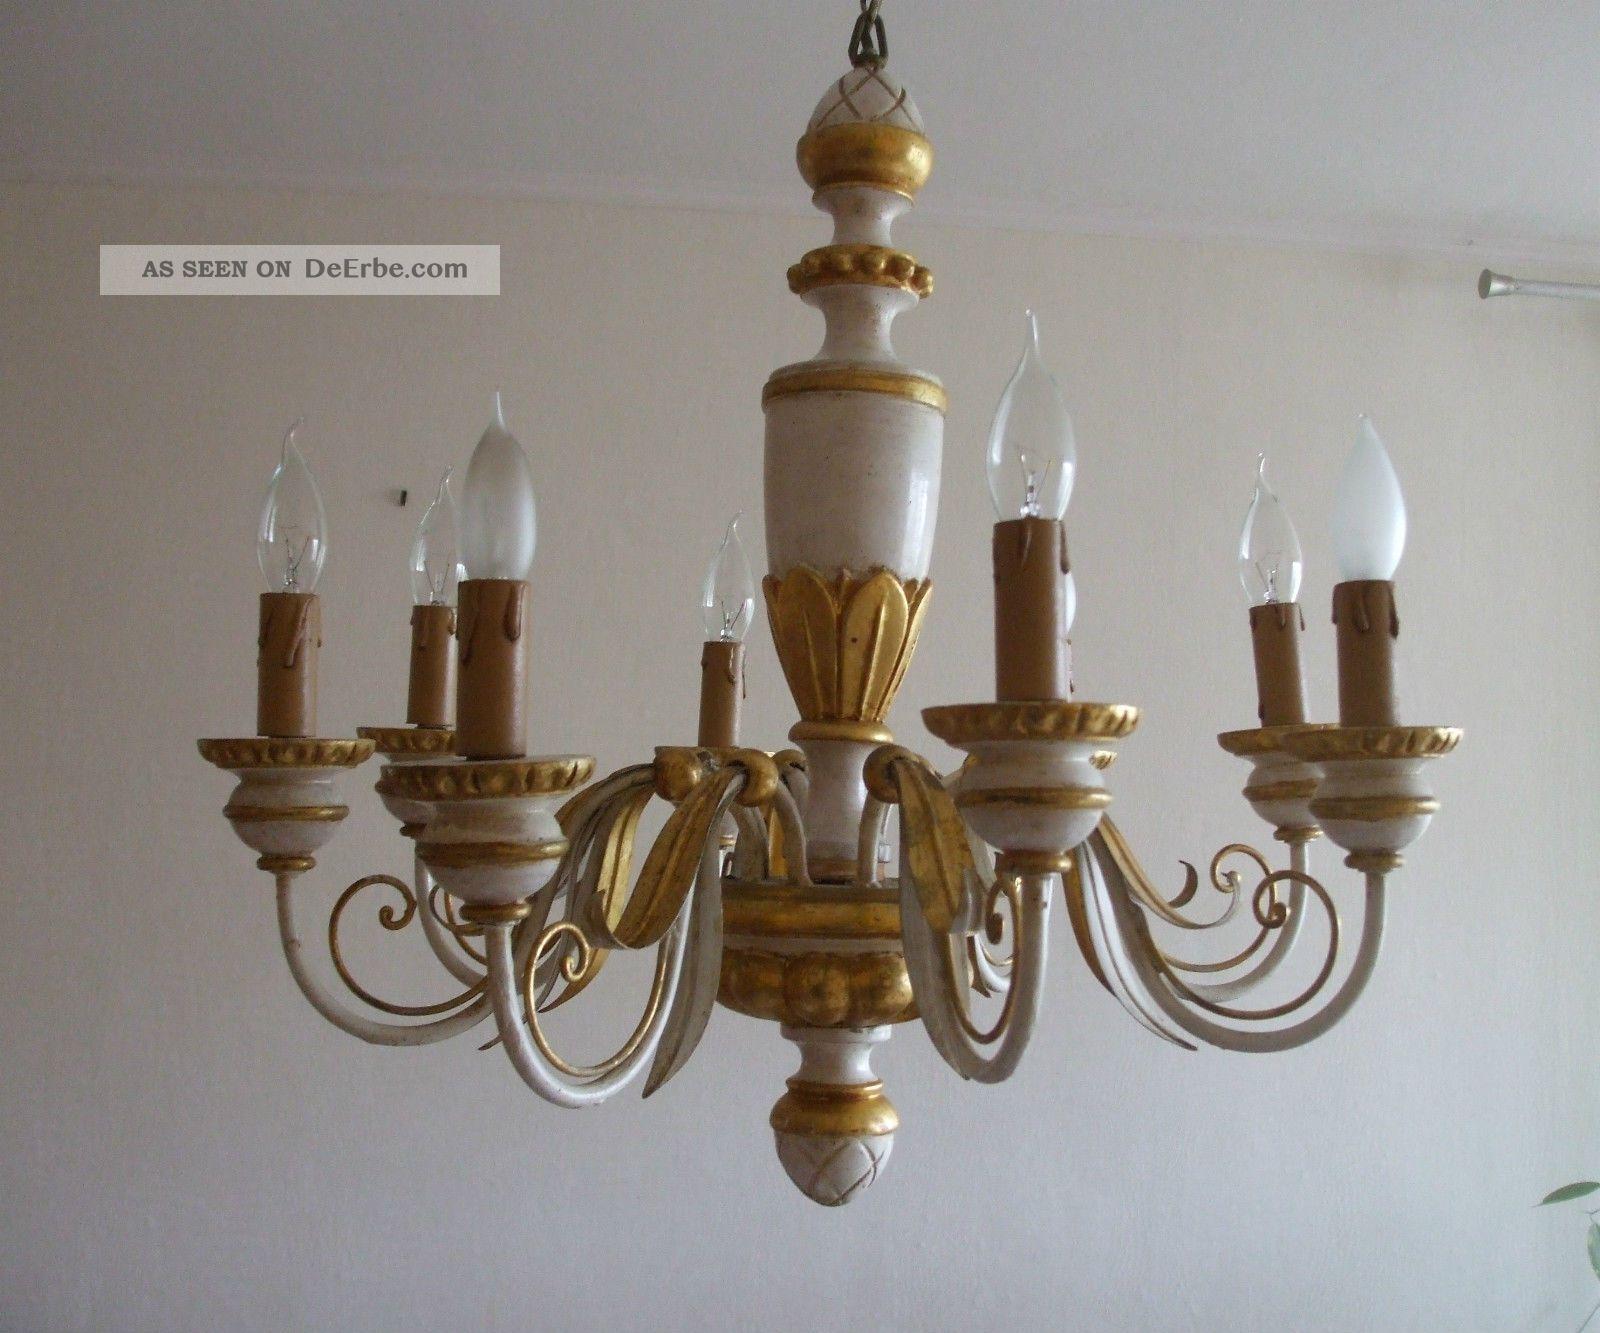 Kronleuchter Holz ~ Antiker kronleuchter lüster florentiner holz metall flammig gold